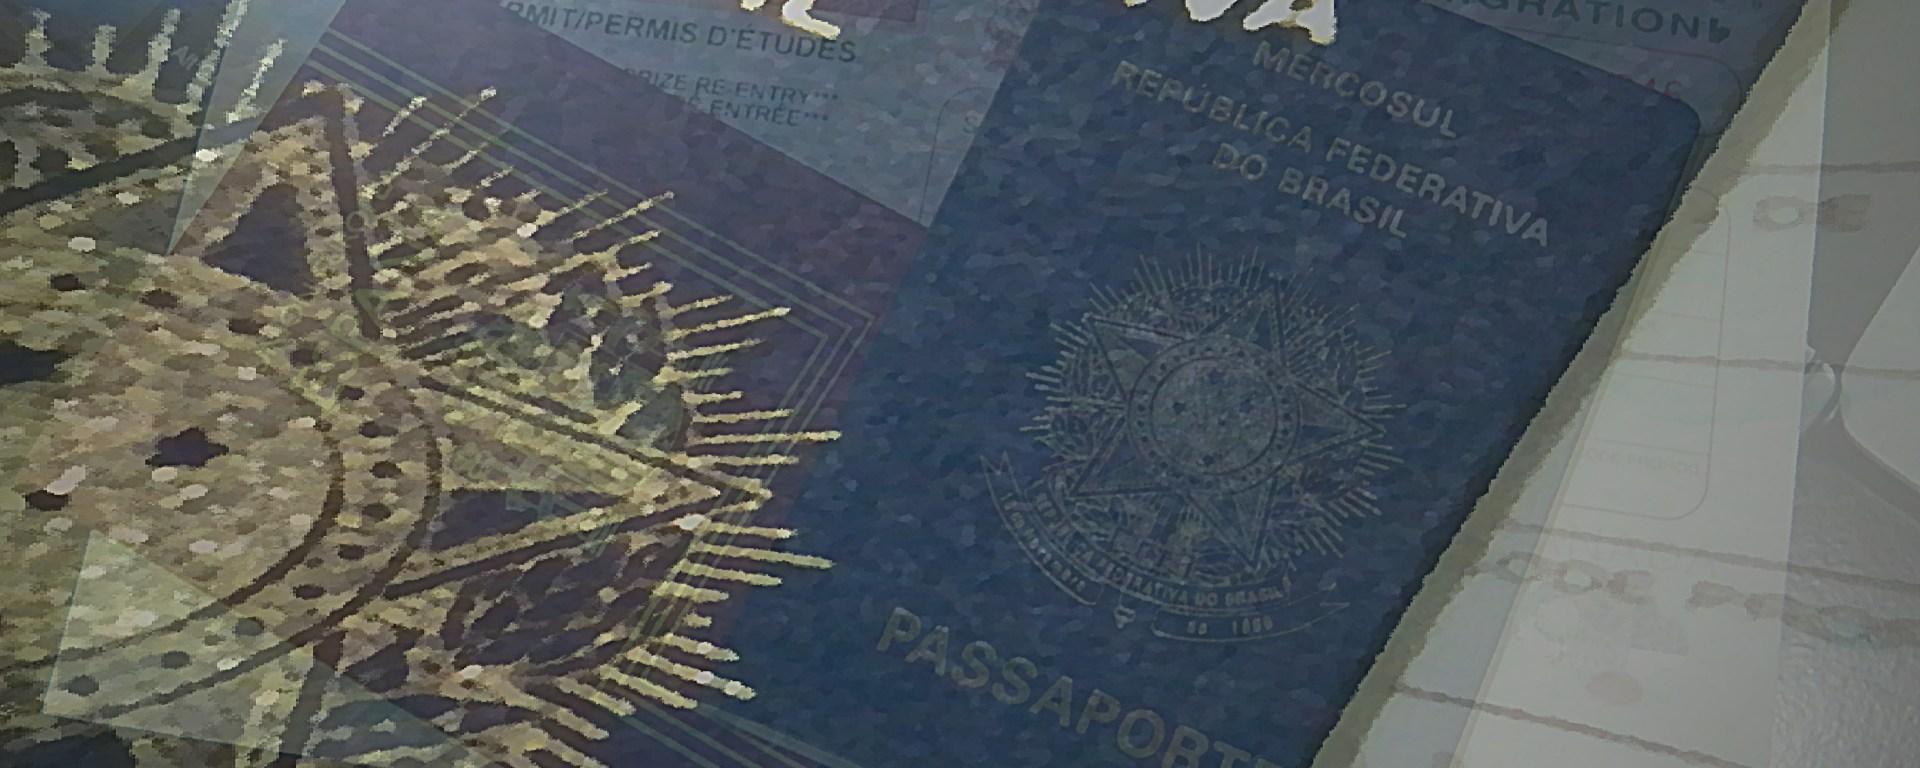 Lista de documentos necessários para passar pela imigração canadense